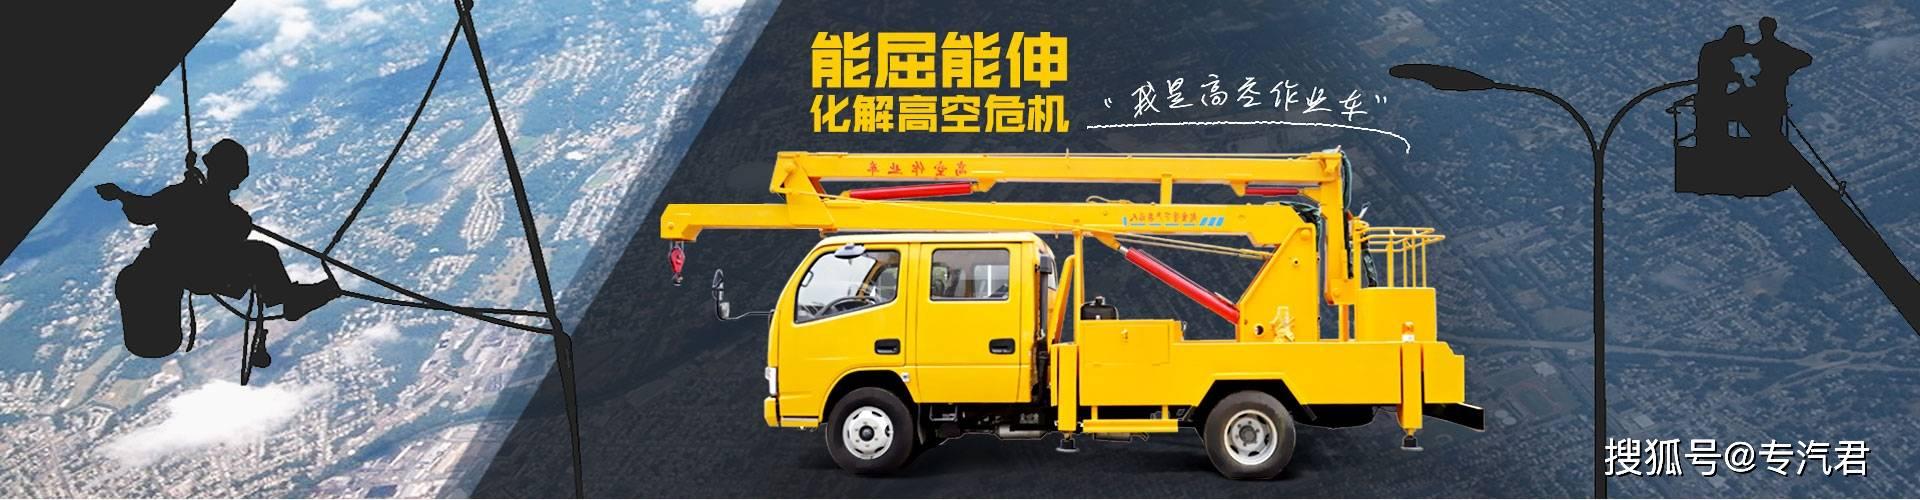 目前最火的蓝色品牌直臂高空作业车——江铃17.5-21 m伸缩臂高空作业车